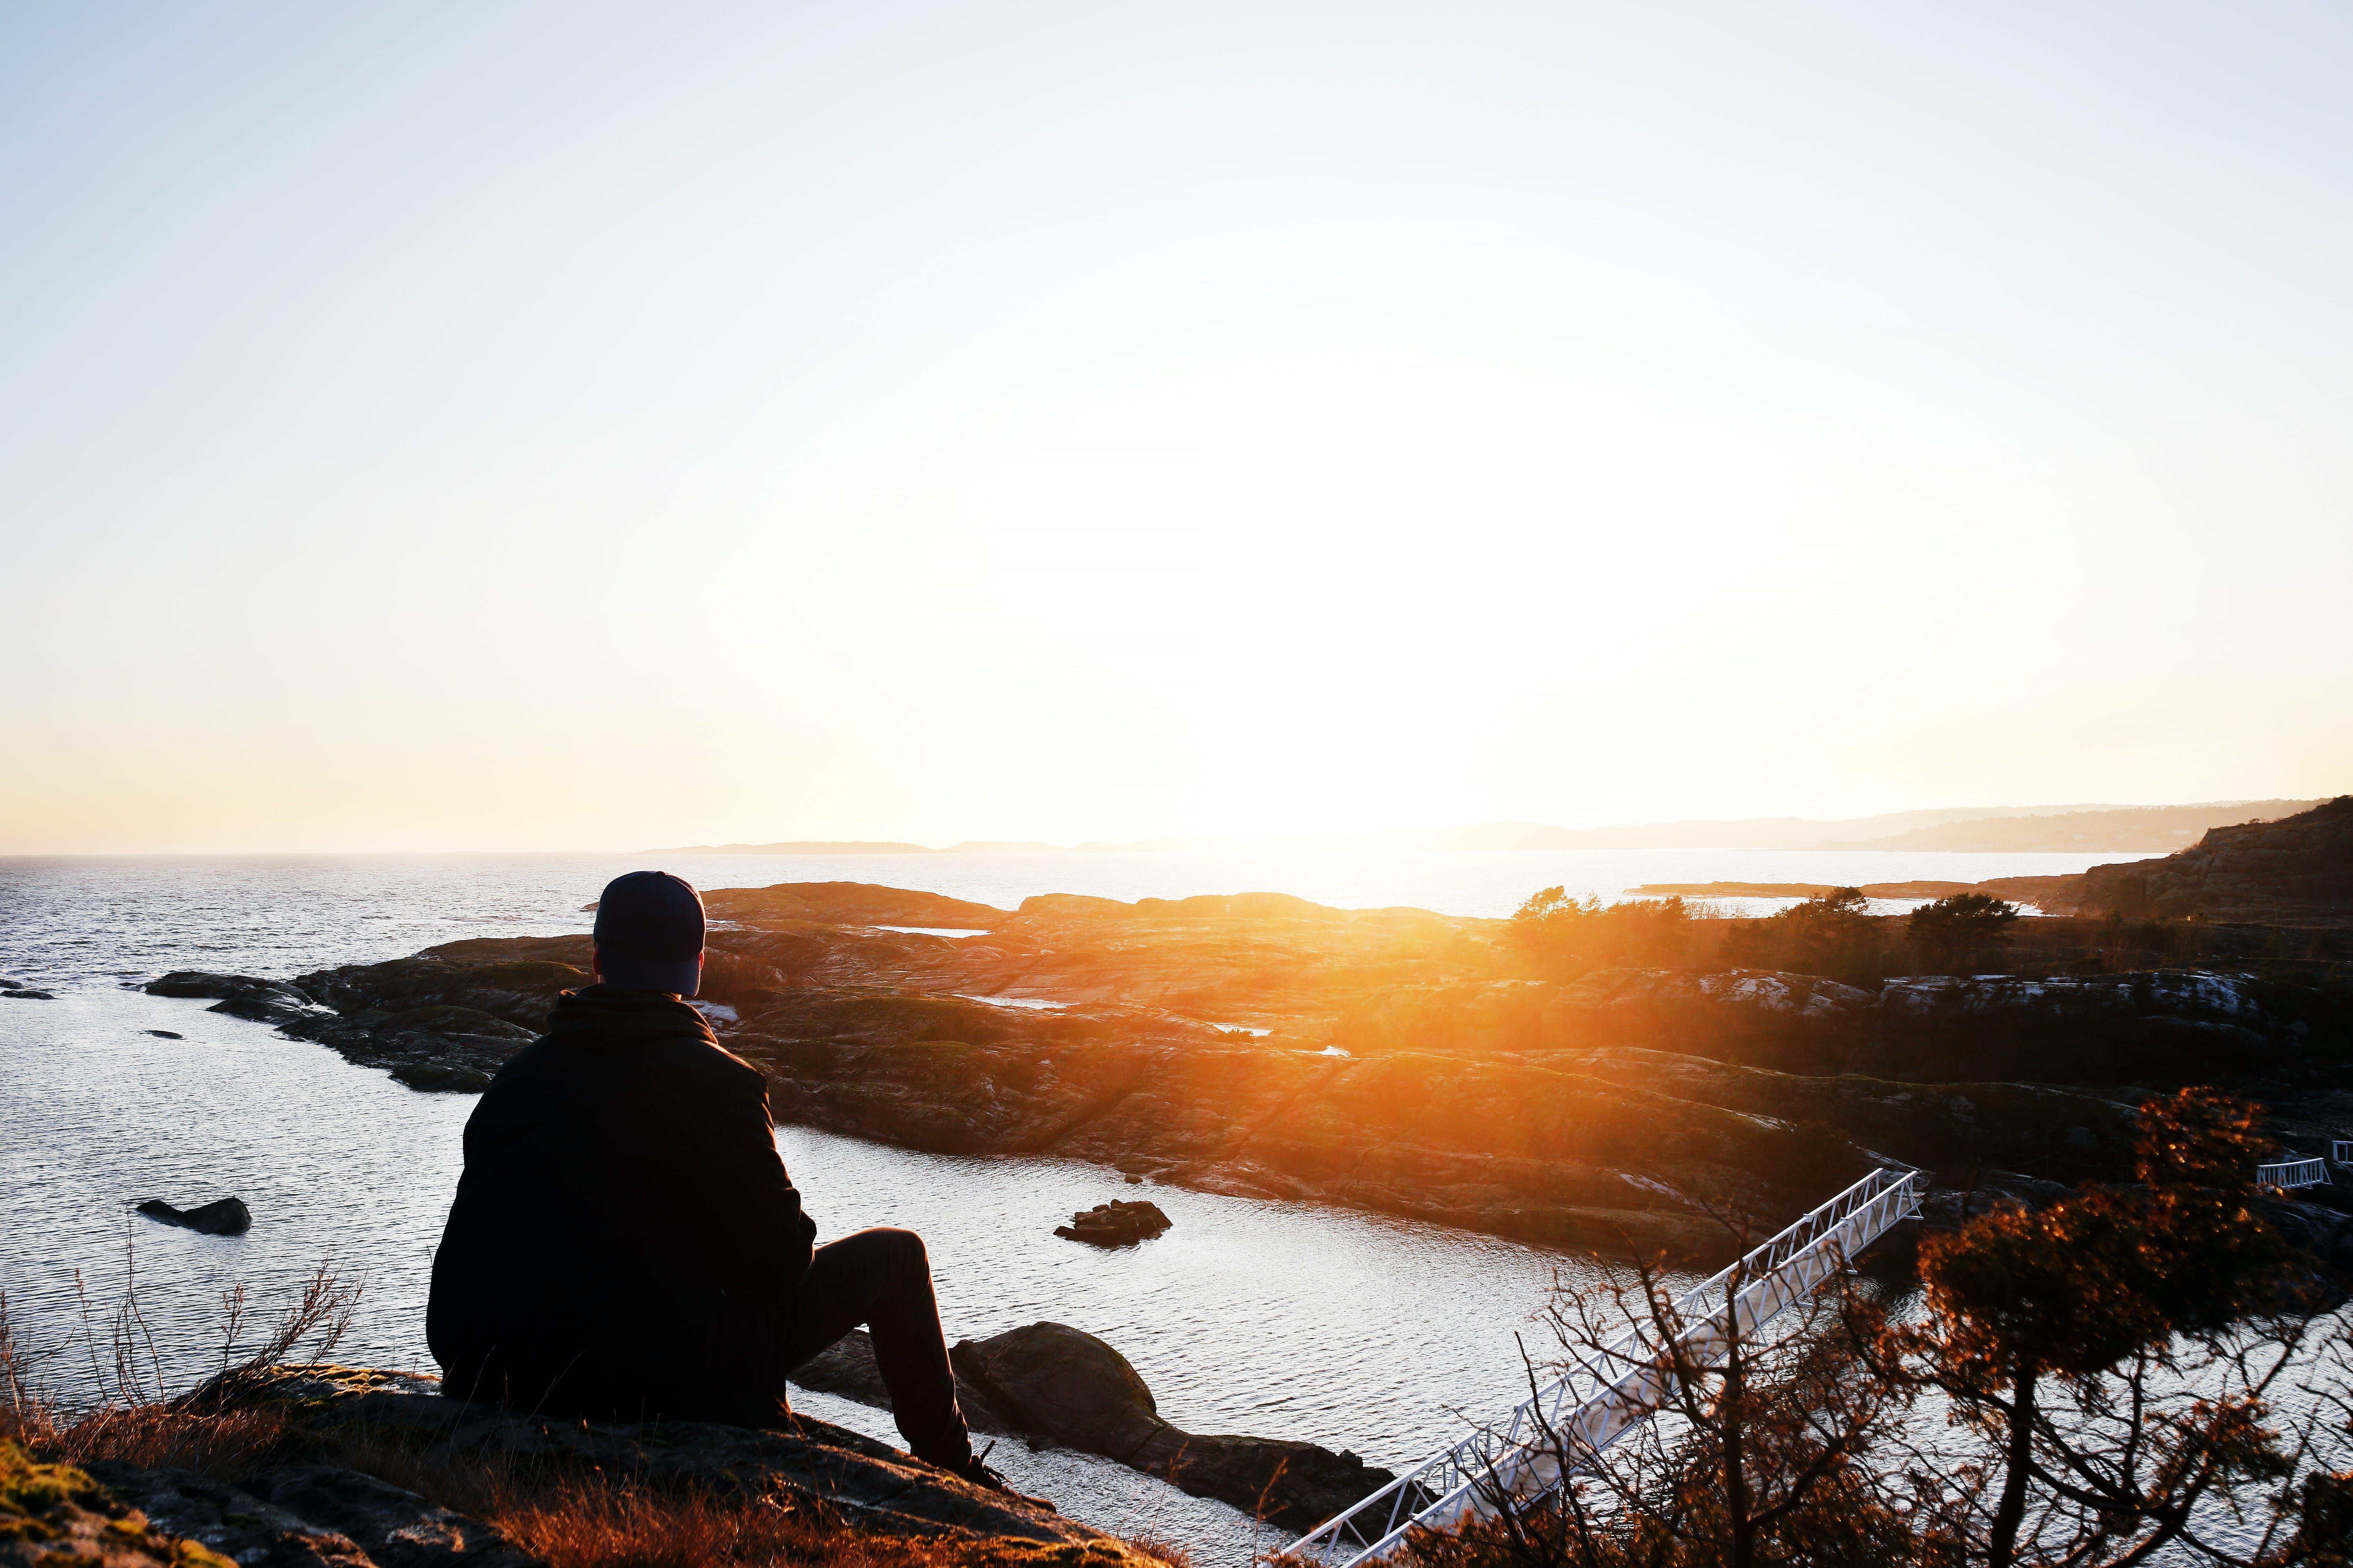 Δωρεάν στοκ φωτογραφιών με ακτή, Ανατολή ηλίου, άνθρωπος, απόγευμα